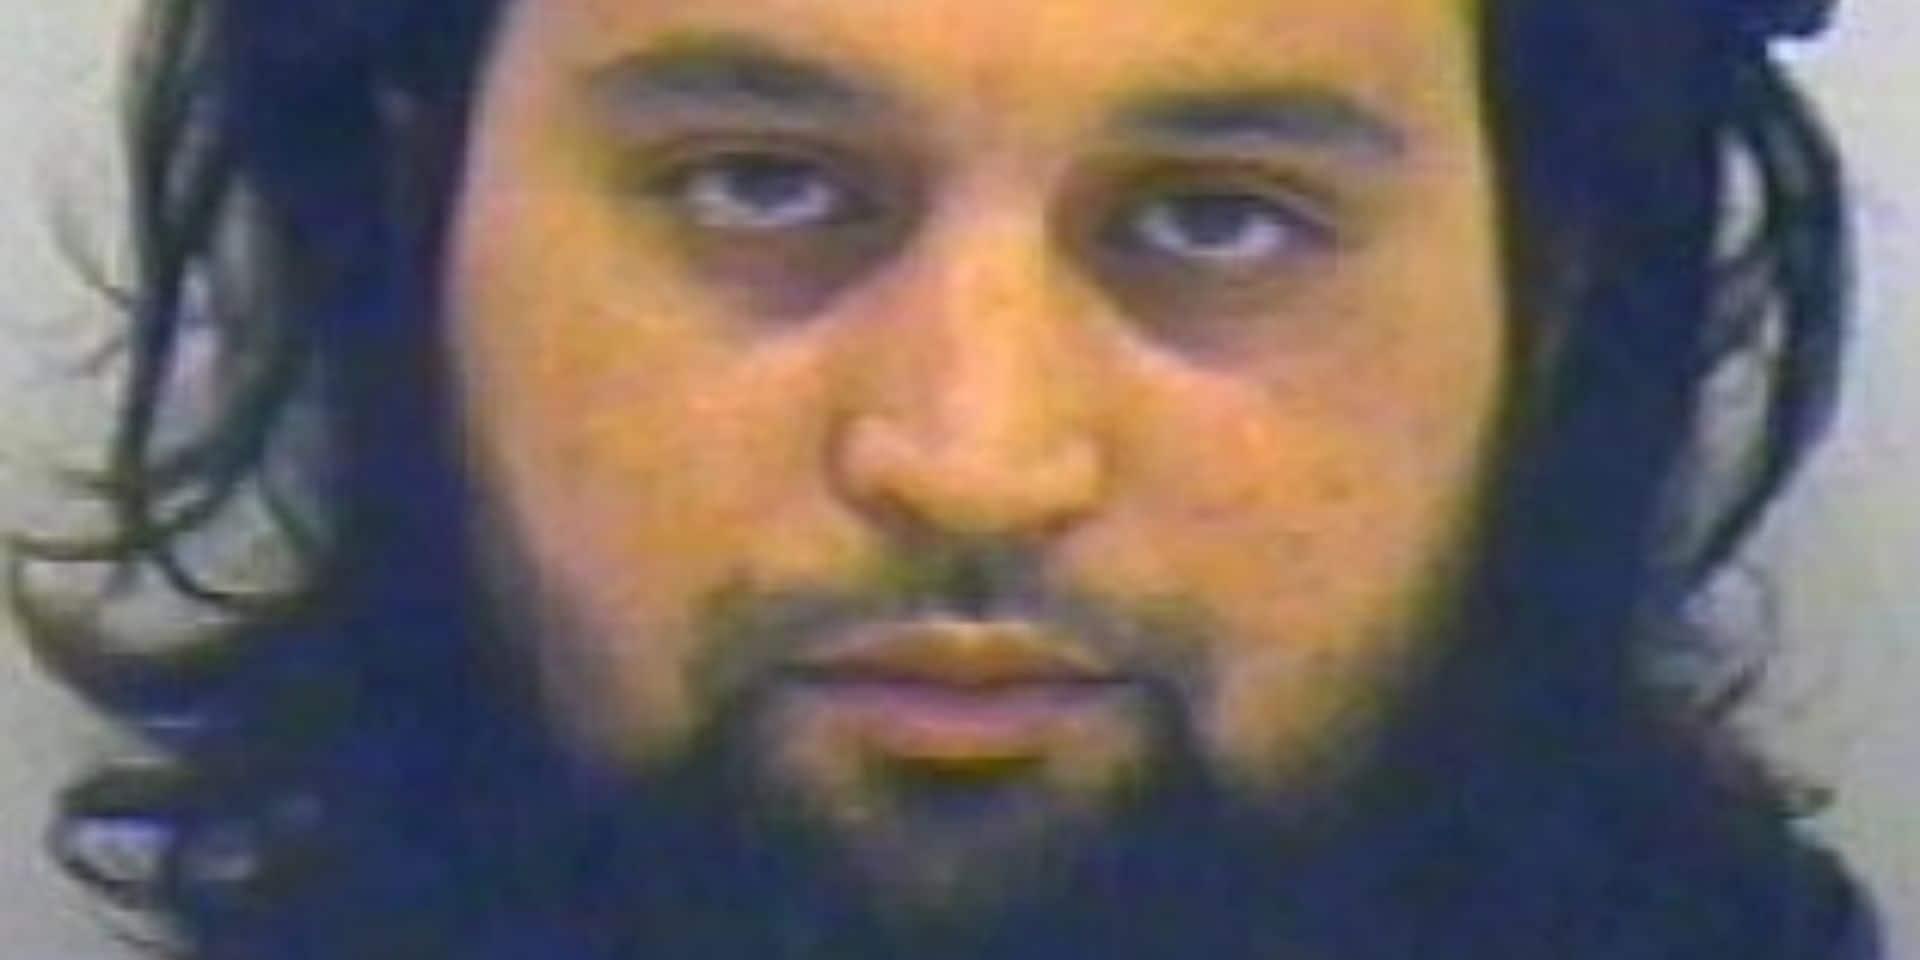 Le procès de Hicham Chaib, co-dirigeant de Sharia4Belgium, reporté à septembre